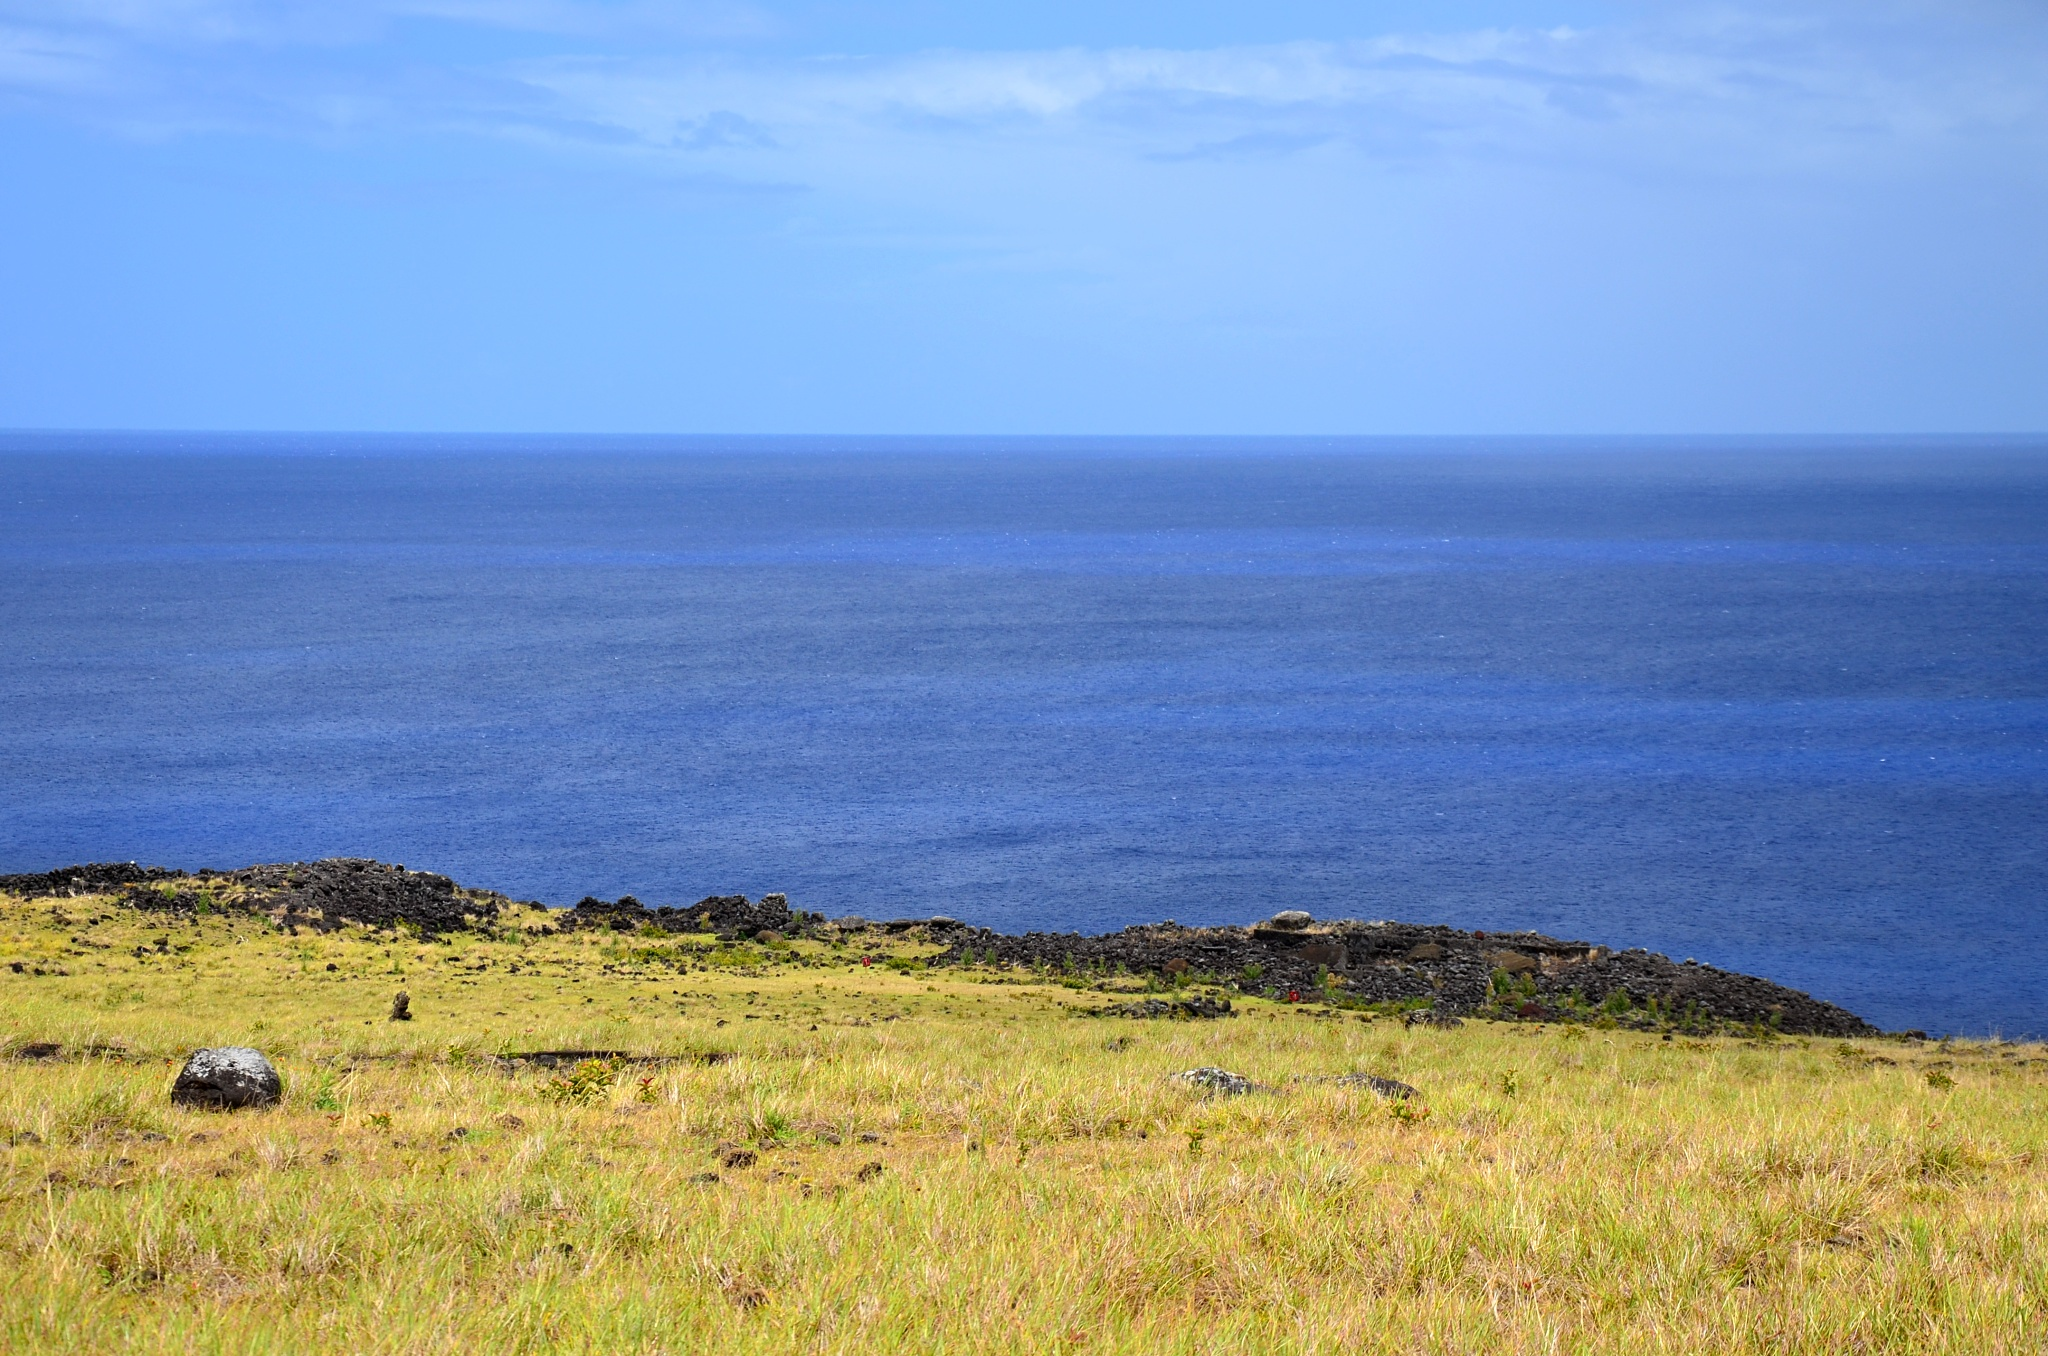 Několik popadaných Moai na místě Ahu Te Peu